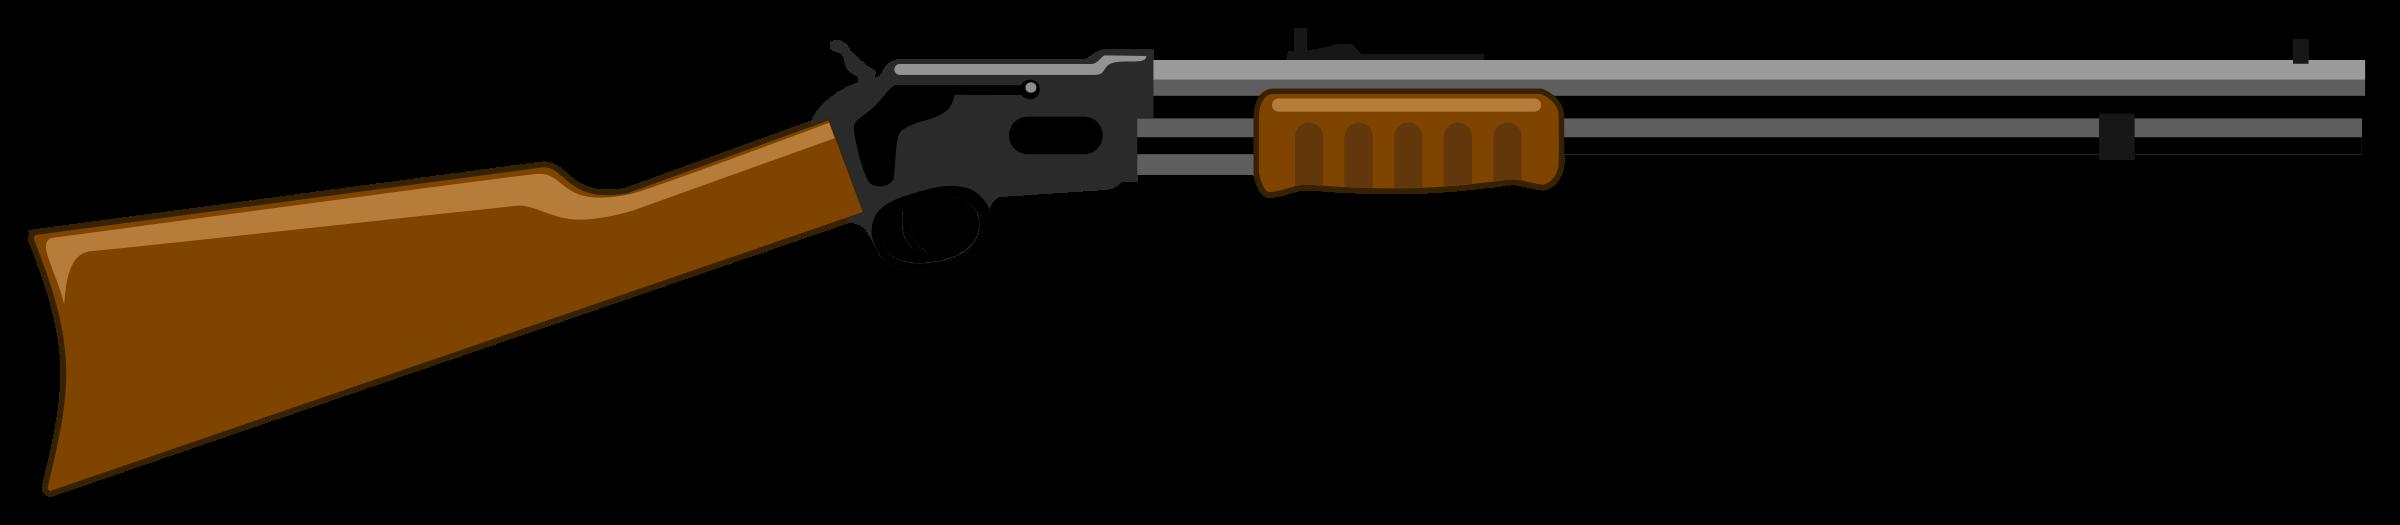 clip free library Rifle. Gun clipart pdf